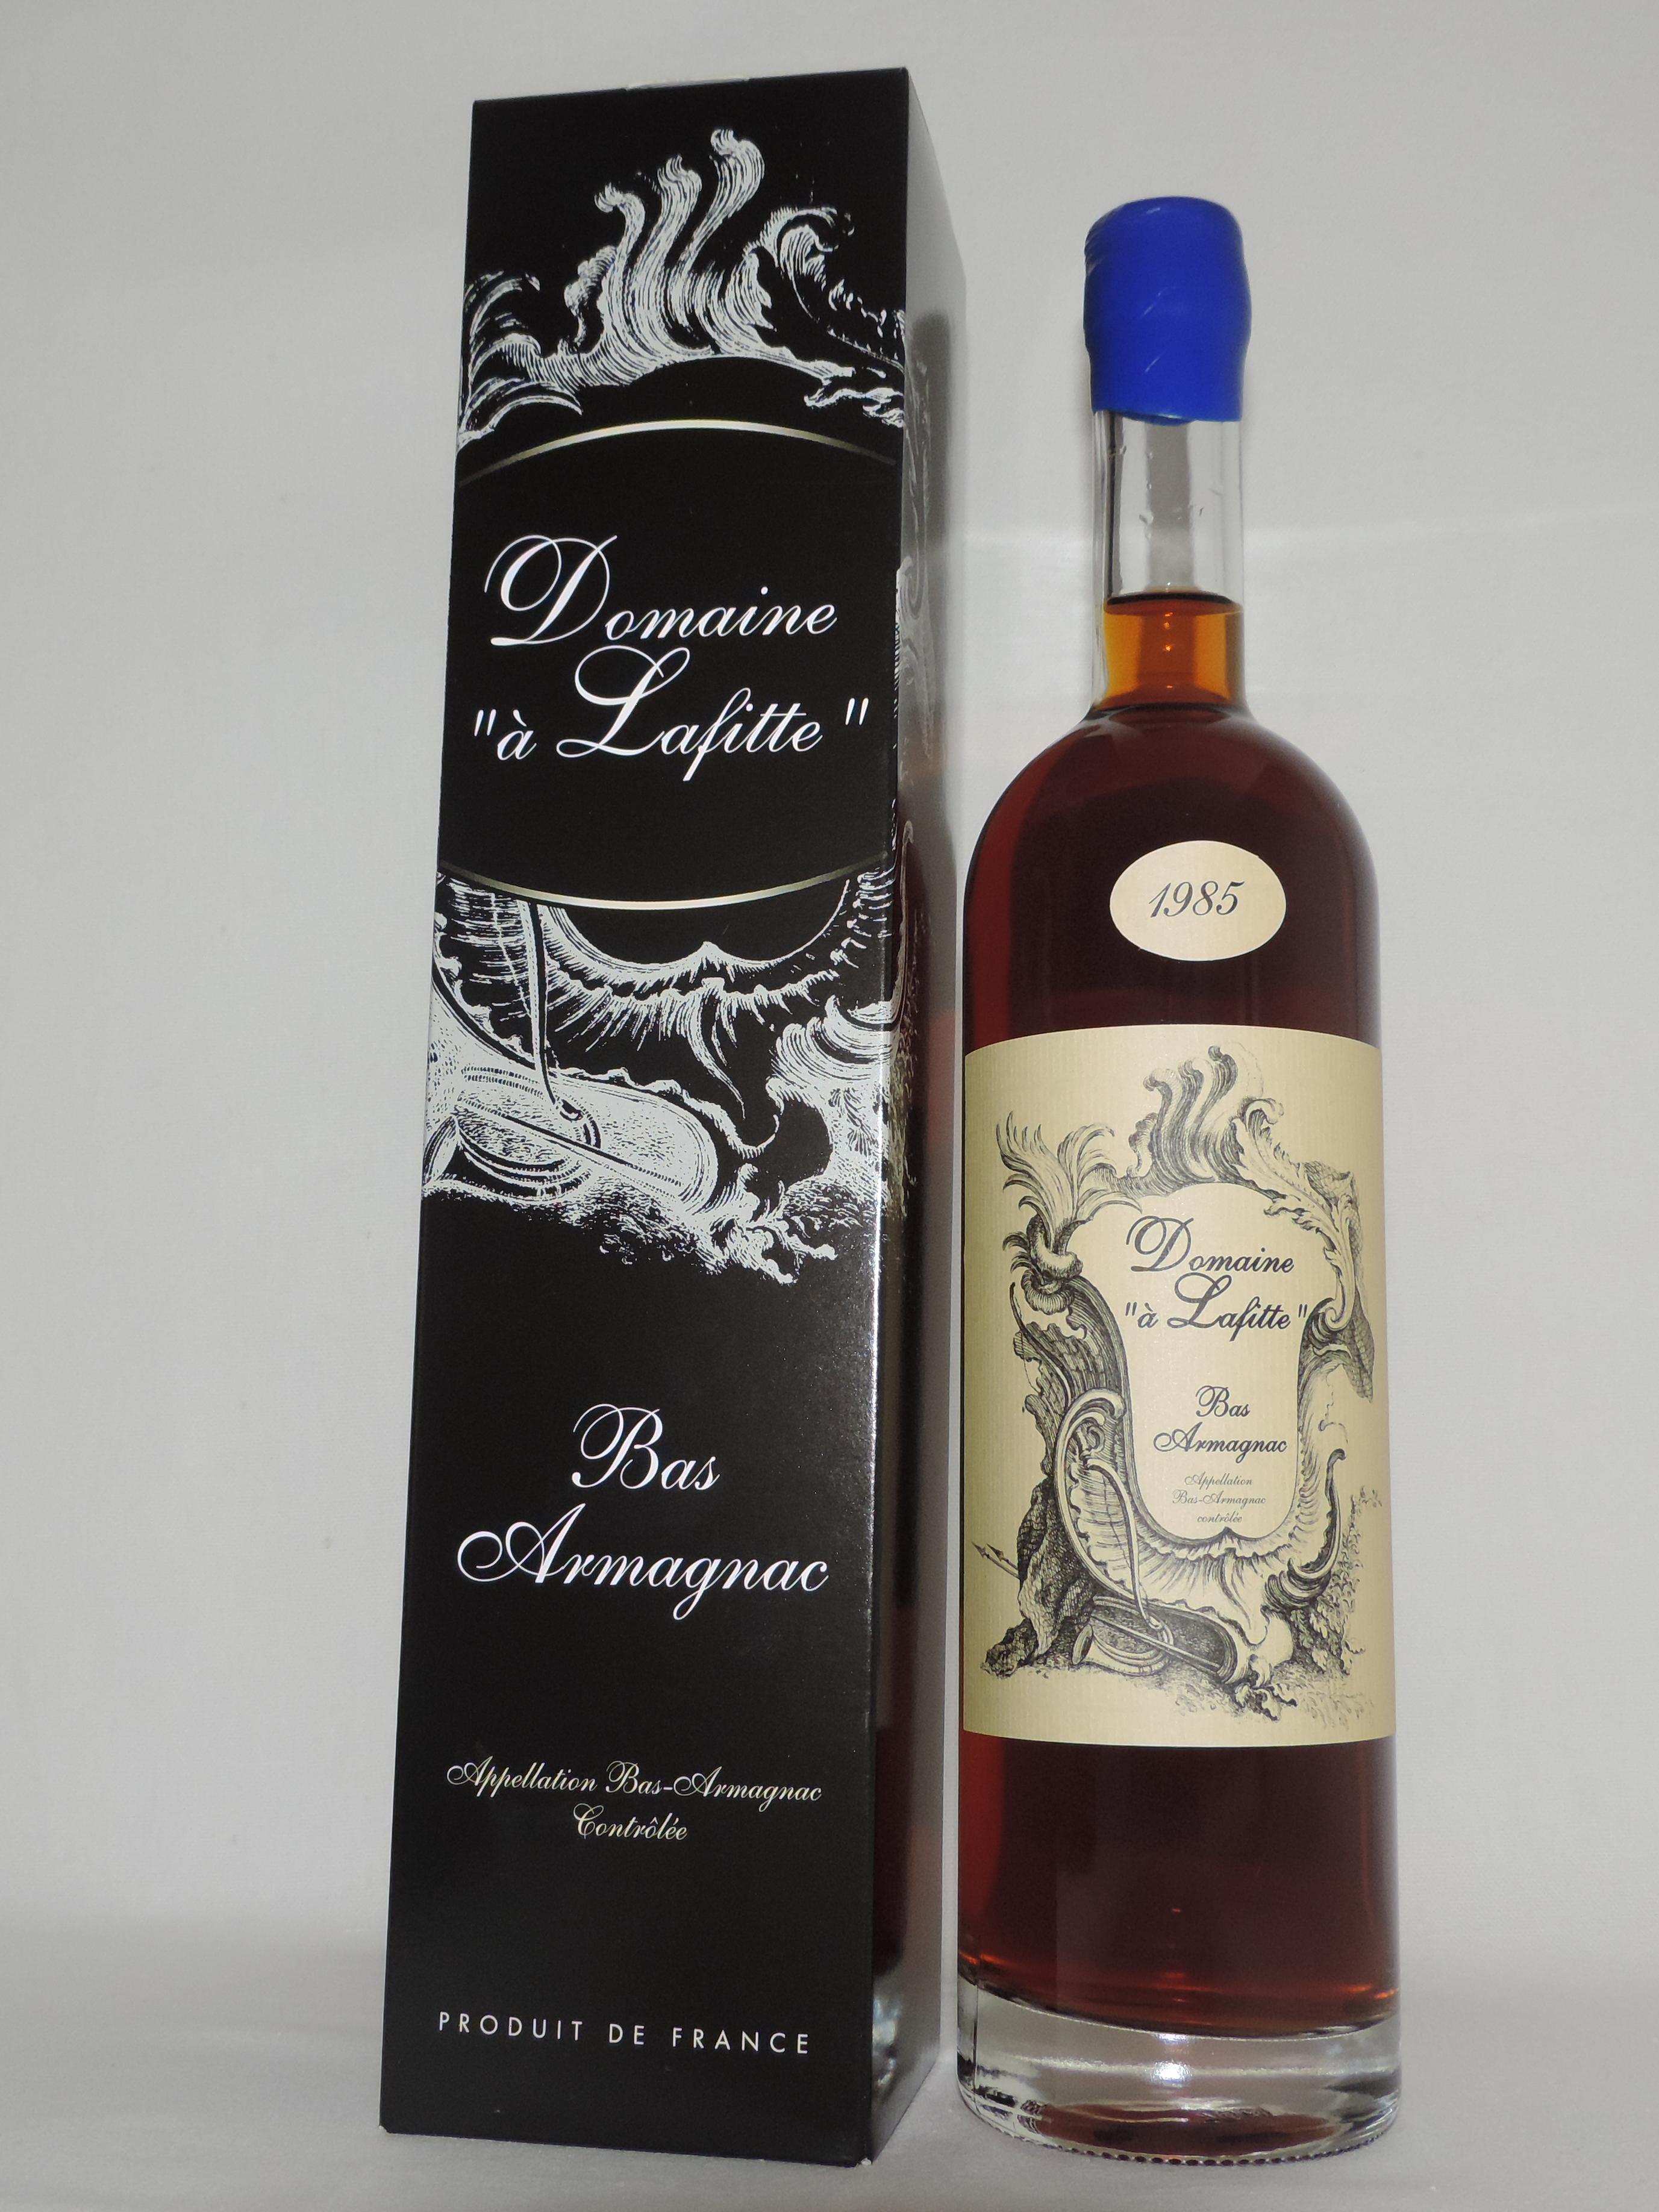 Bottle 1974 Domaine à Lafitte Bas Armagnac